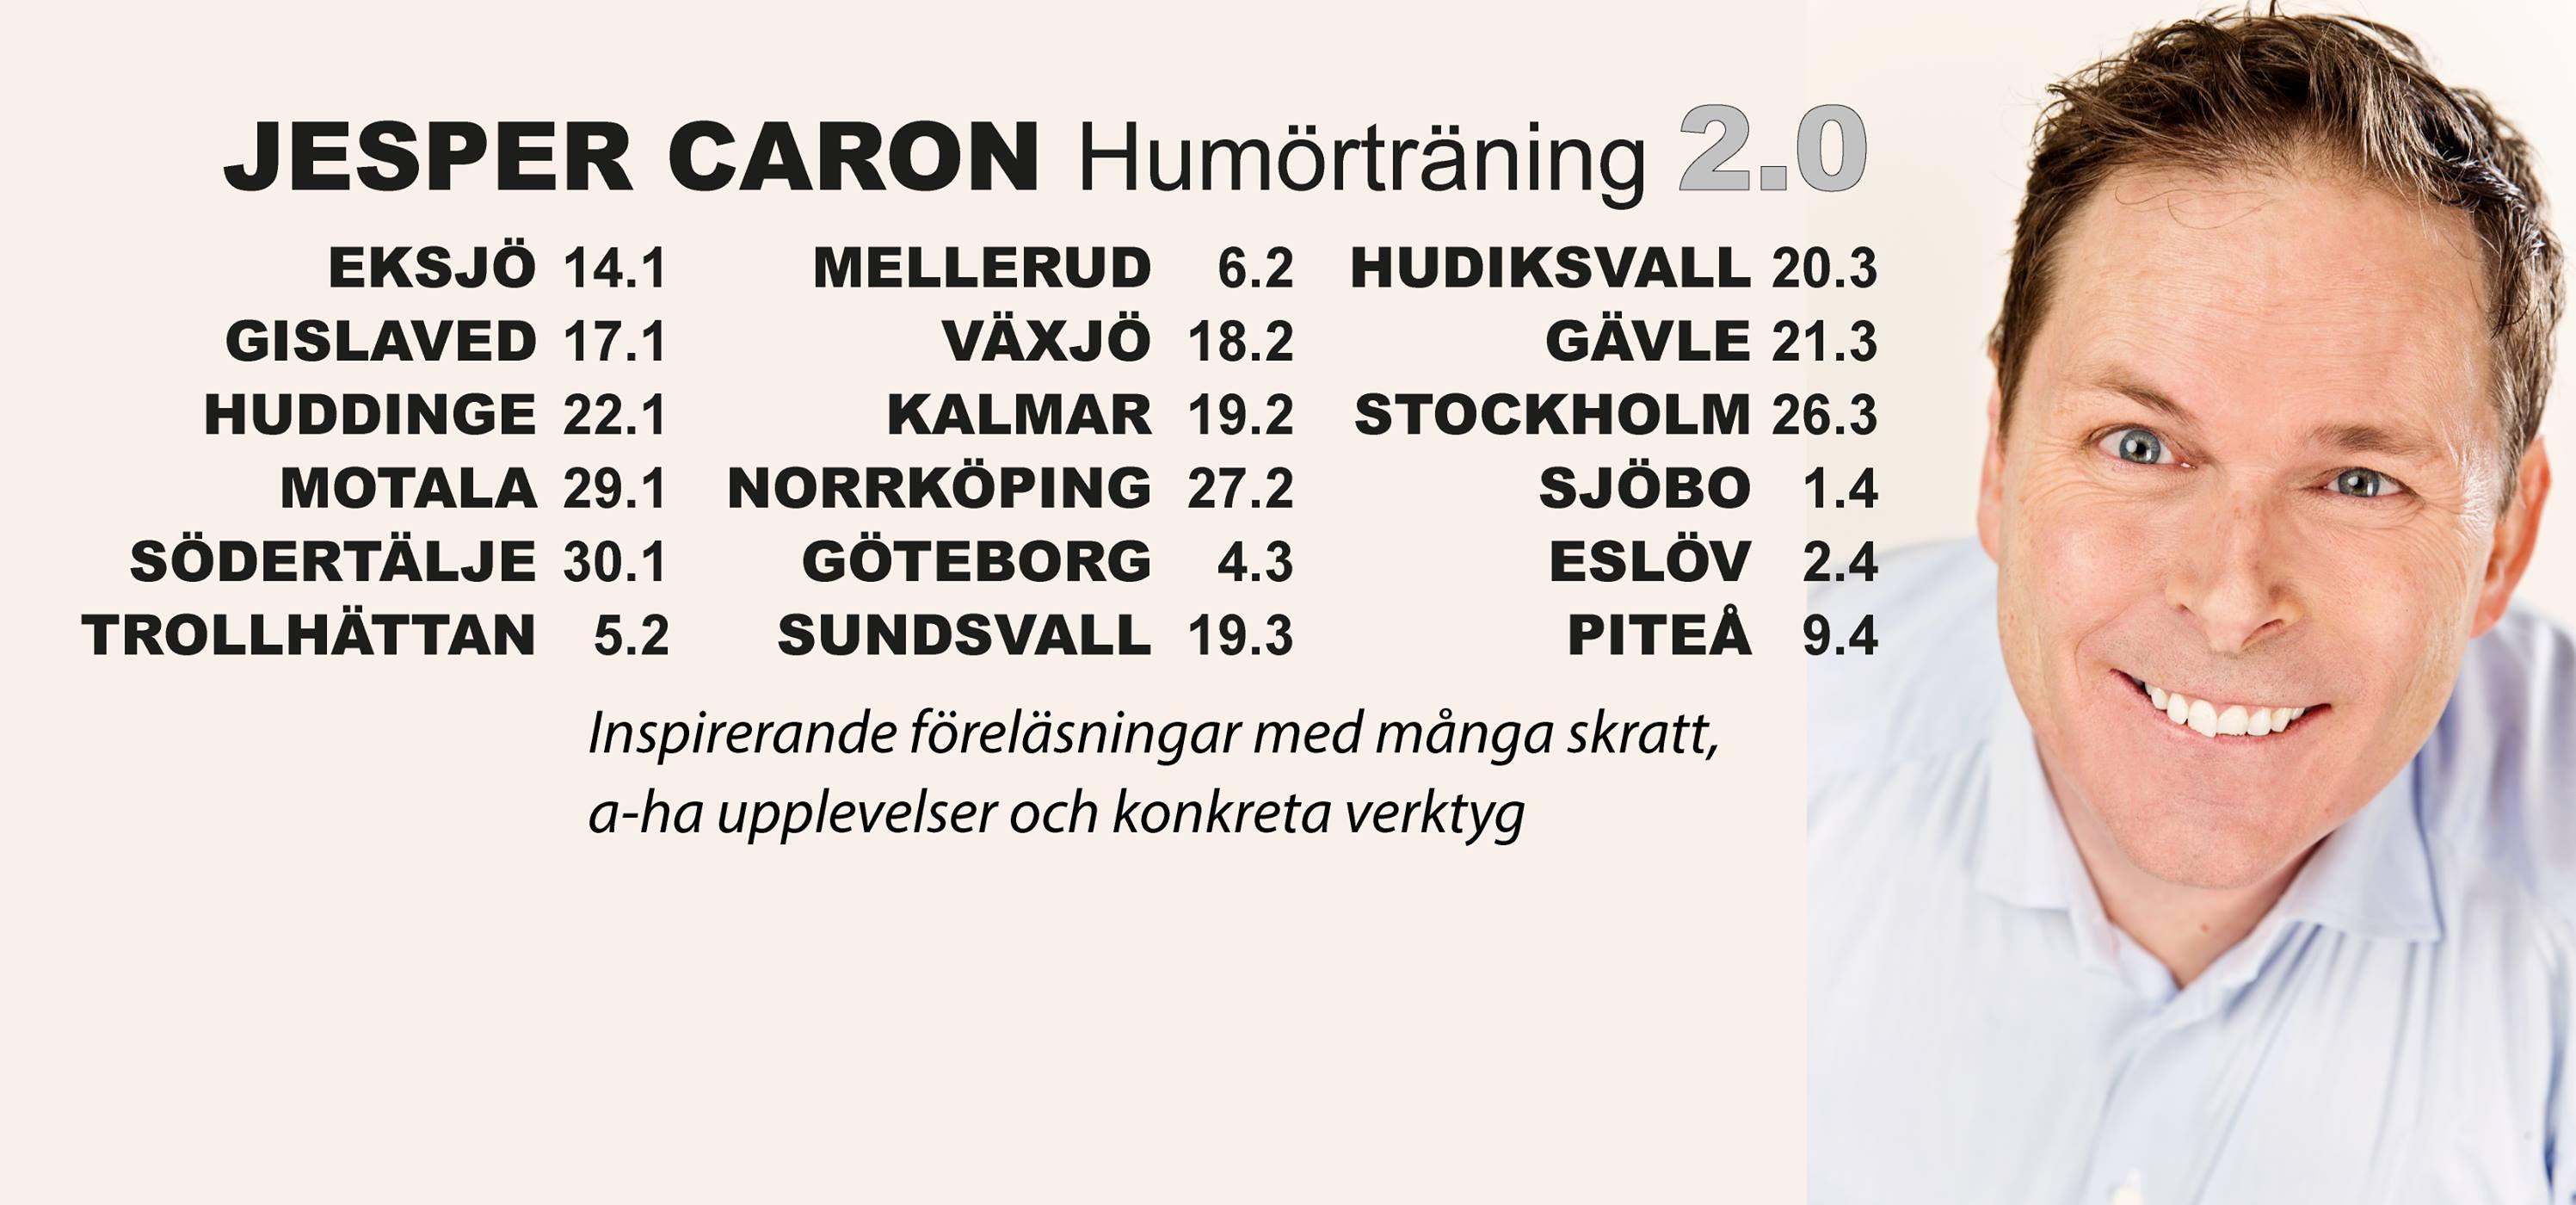 Framsteg Jesper Caron